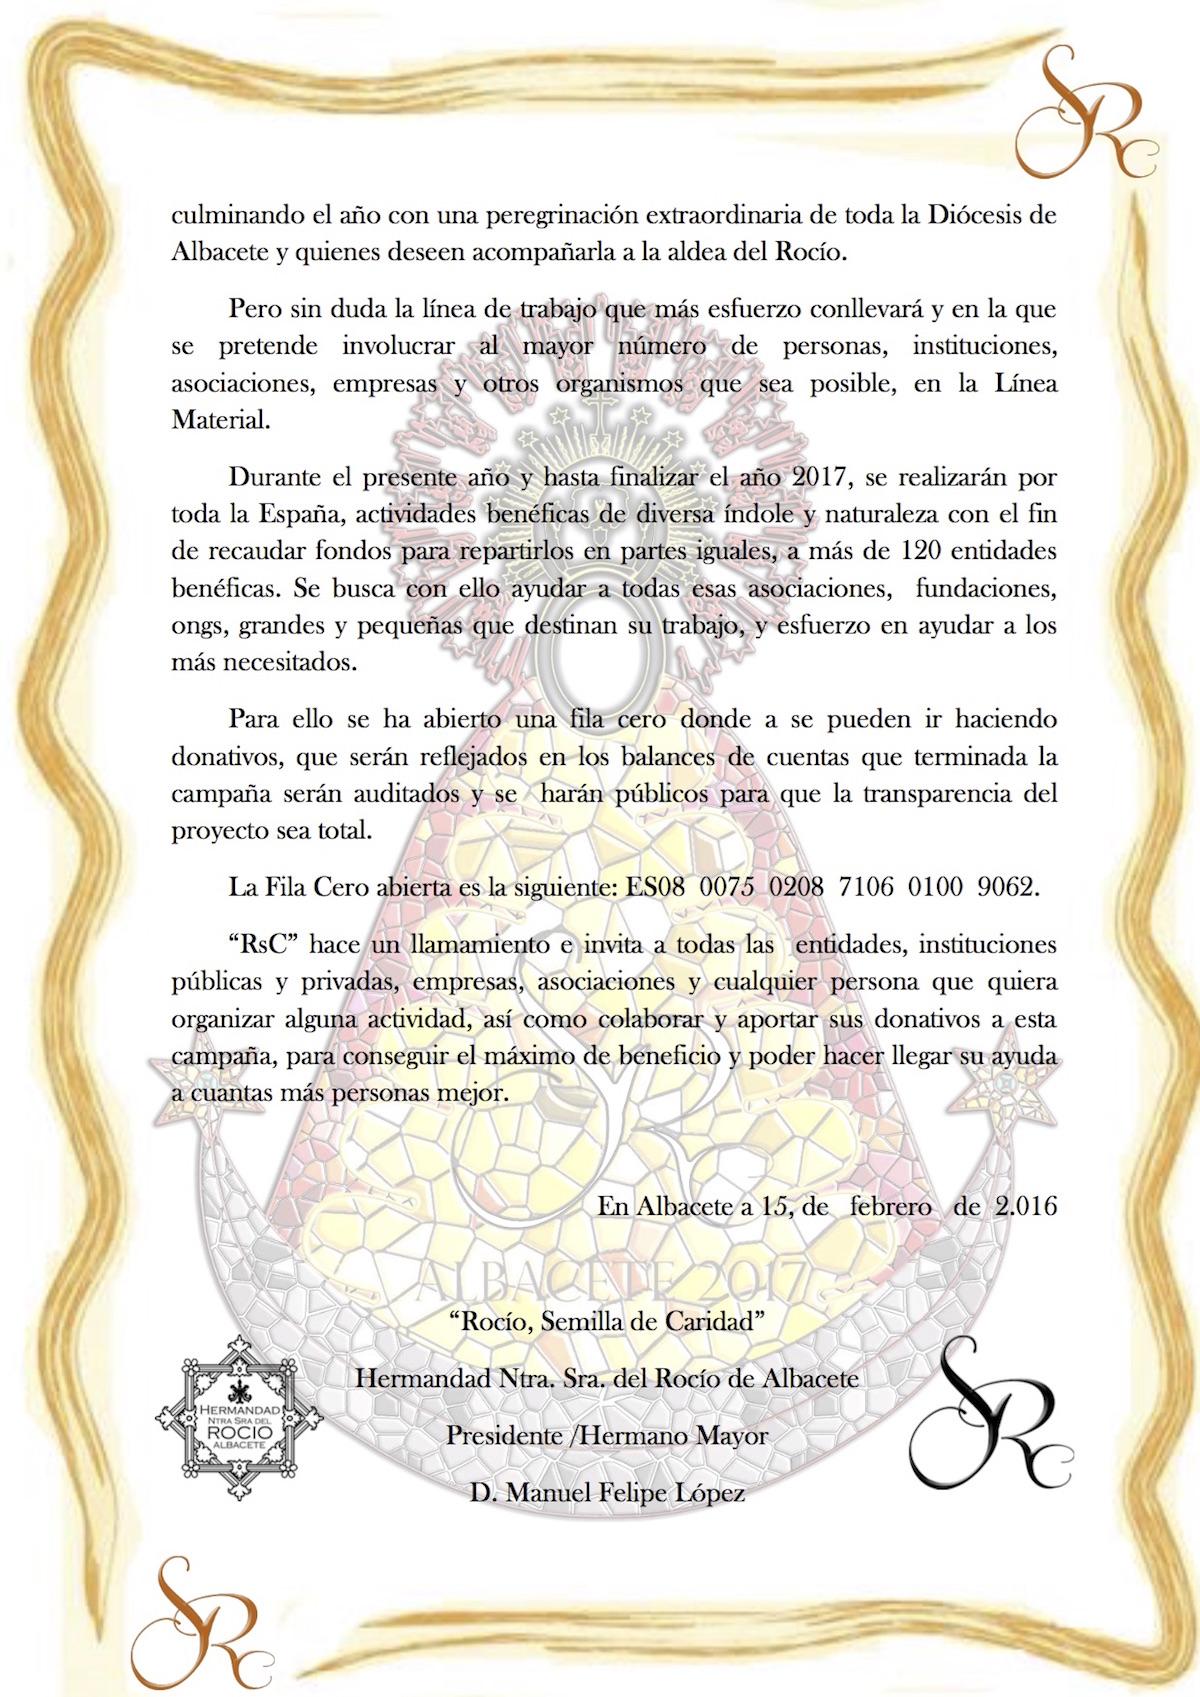 NOTA DE PRENSA  Rocio. Semilla de Caridad-2